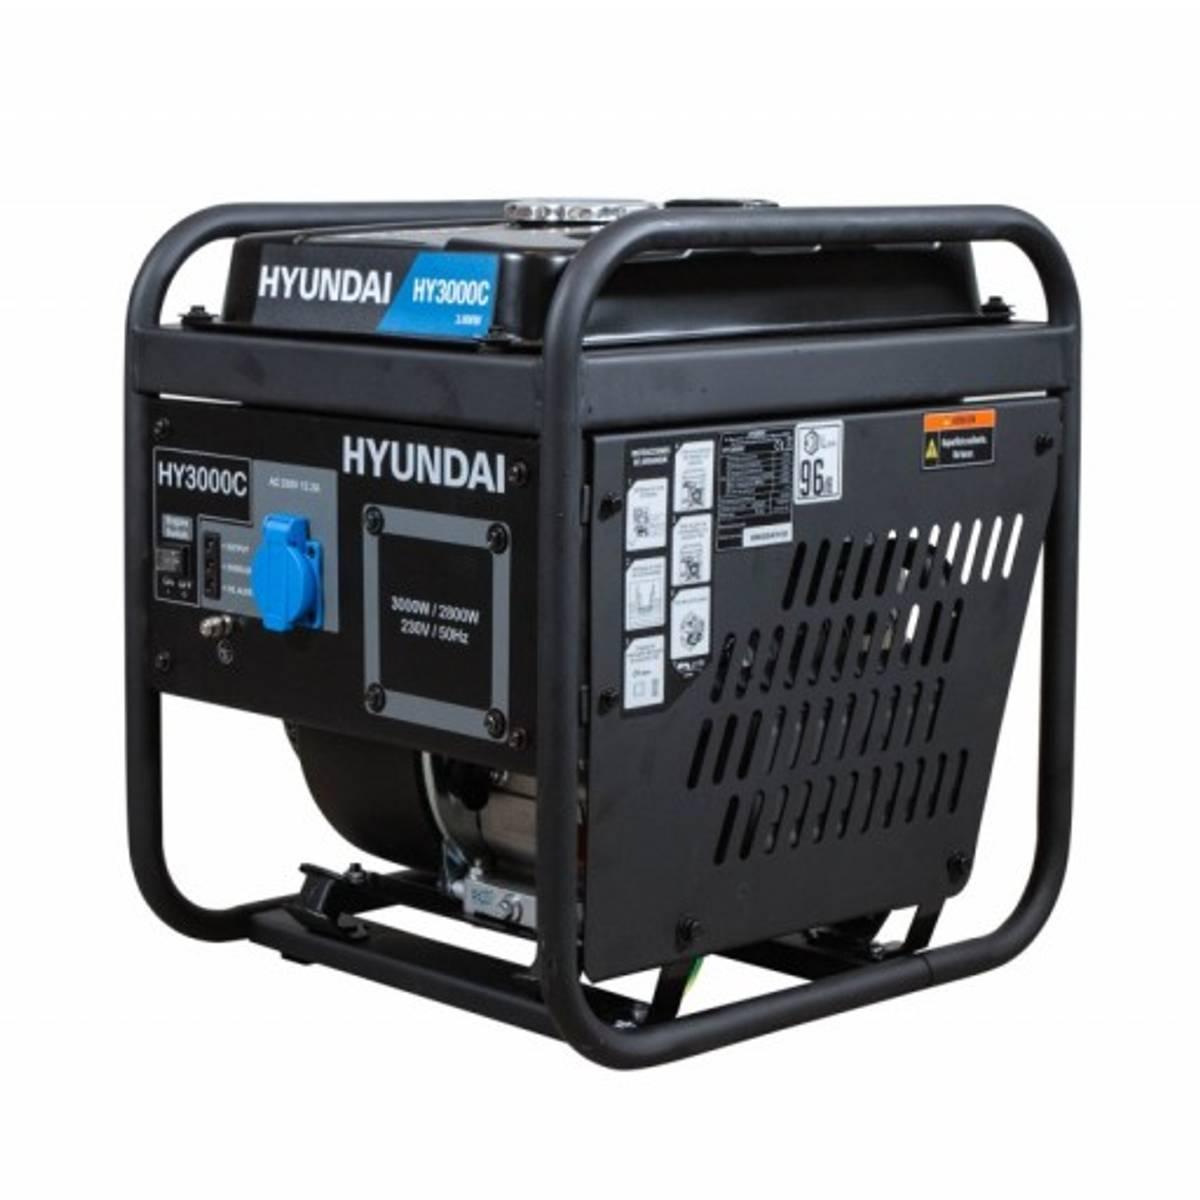 HYUNDAI HY3000C Digitalt Aggregat 3000W